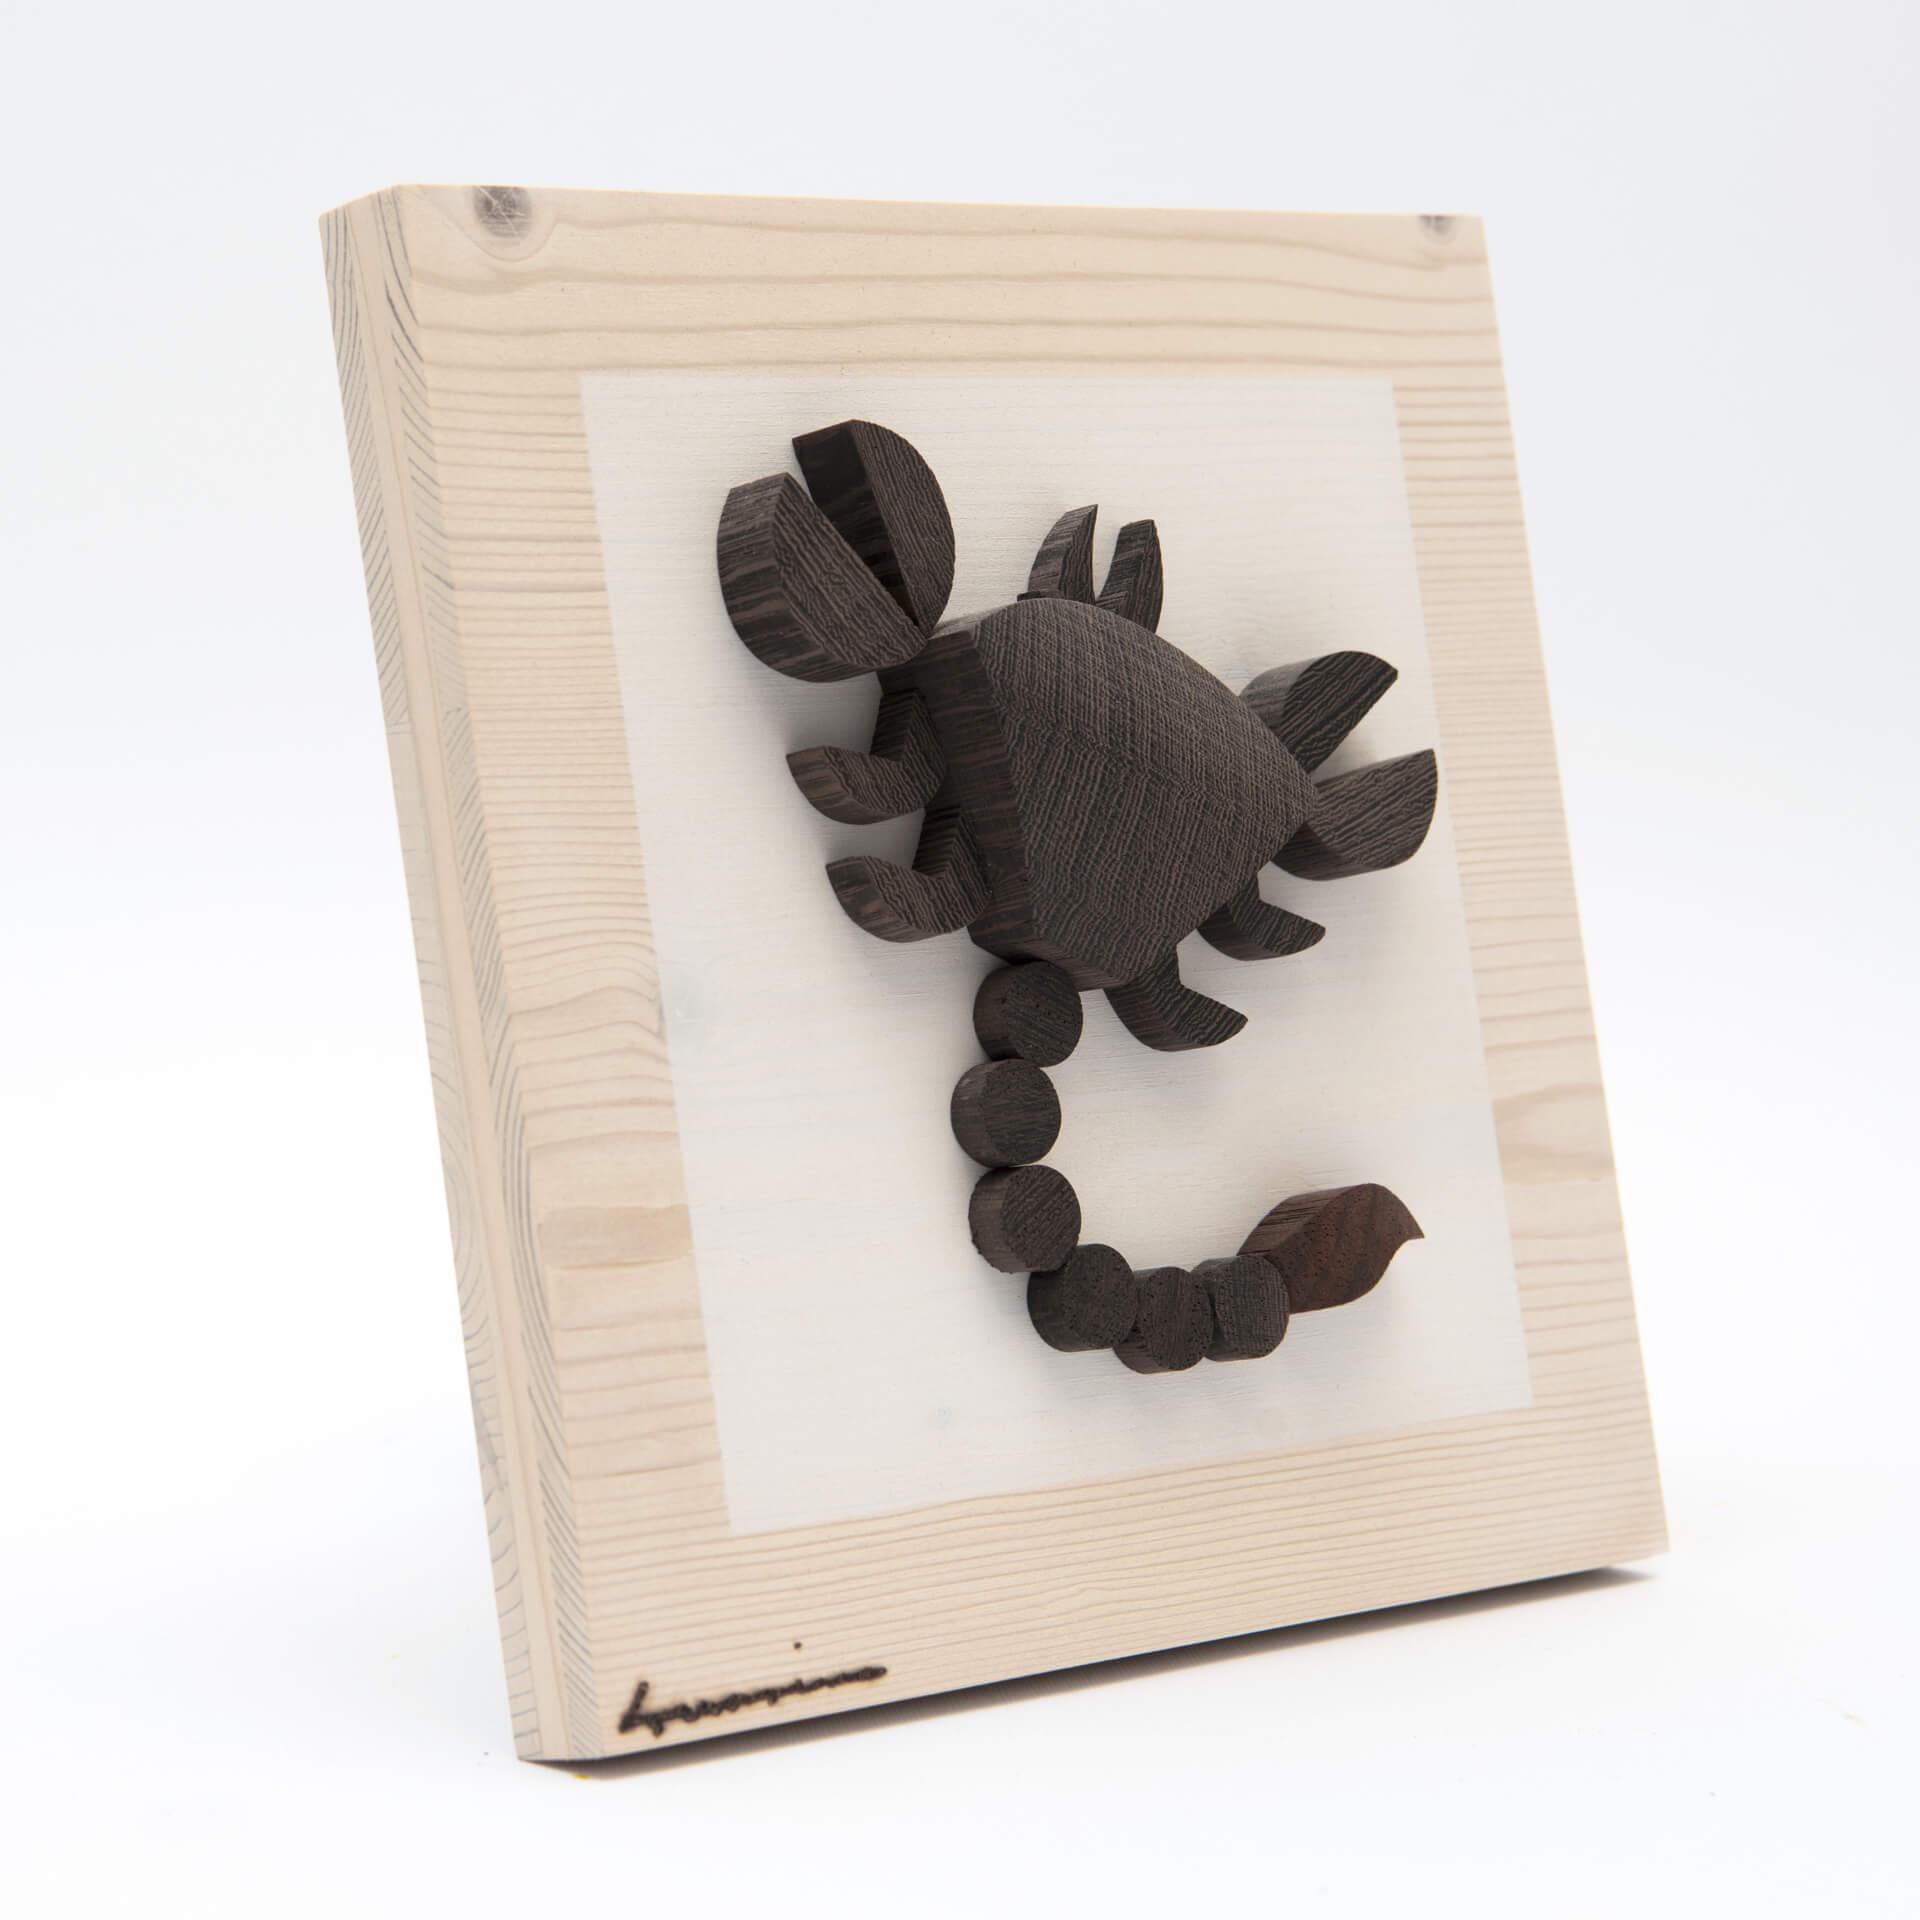 Pannello zodiaco Scorpione - dimensioni cm. 15 x 4,5 x 15